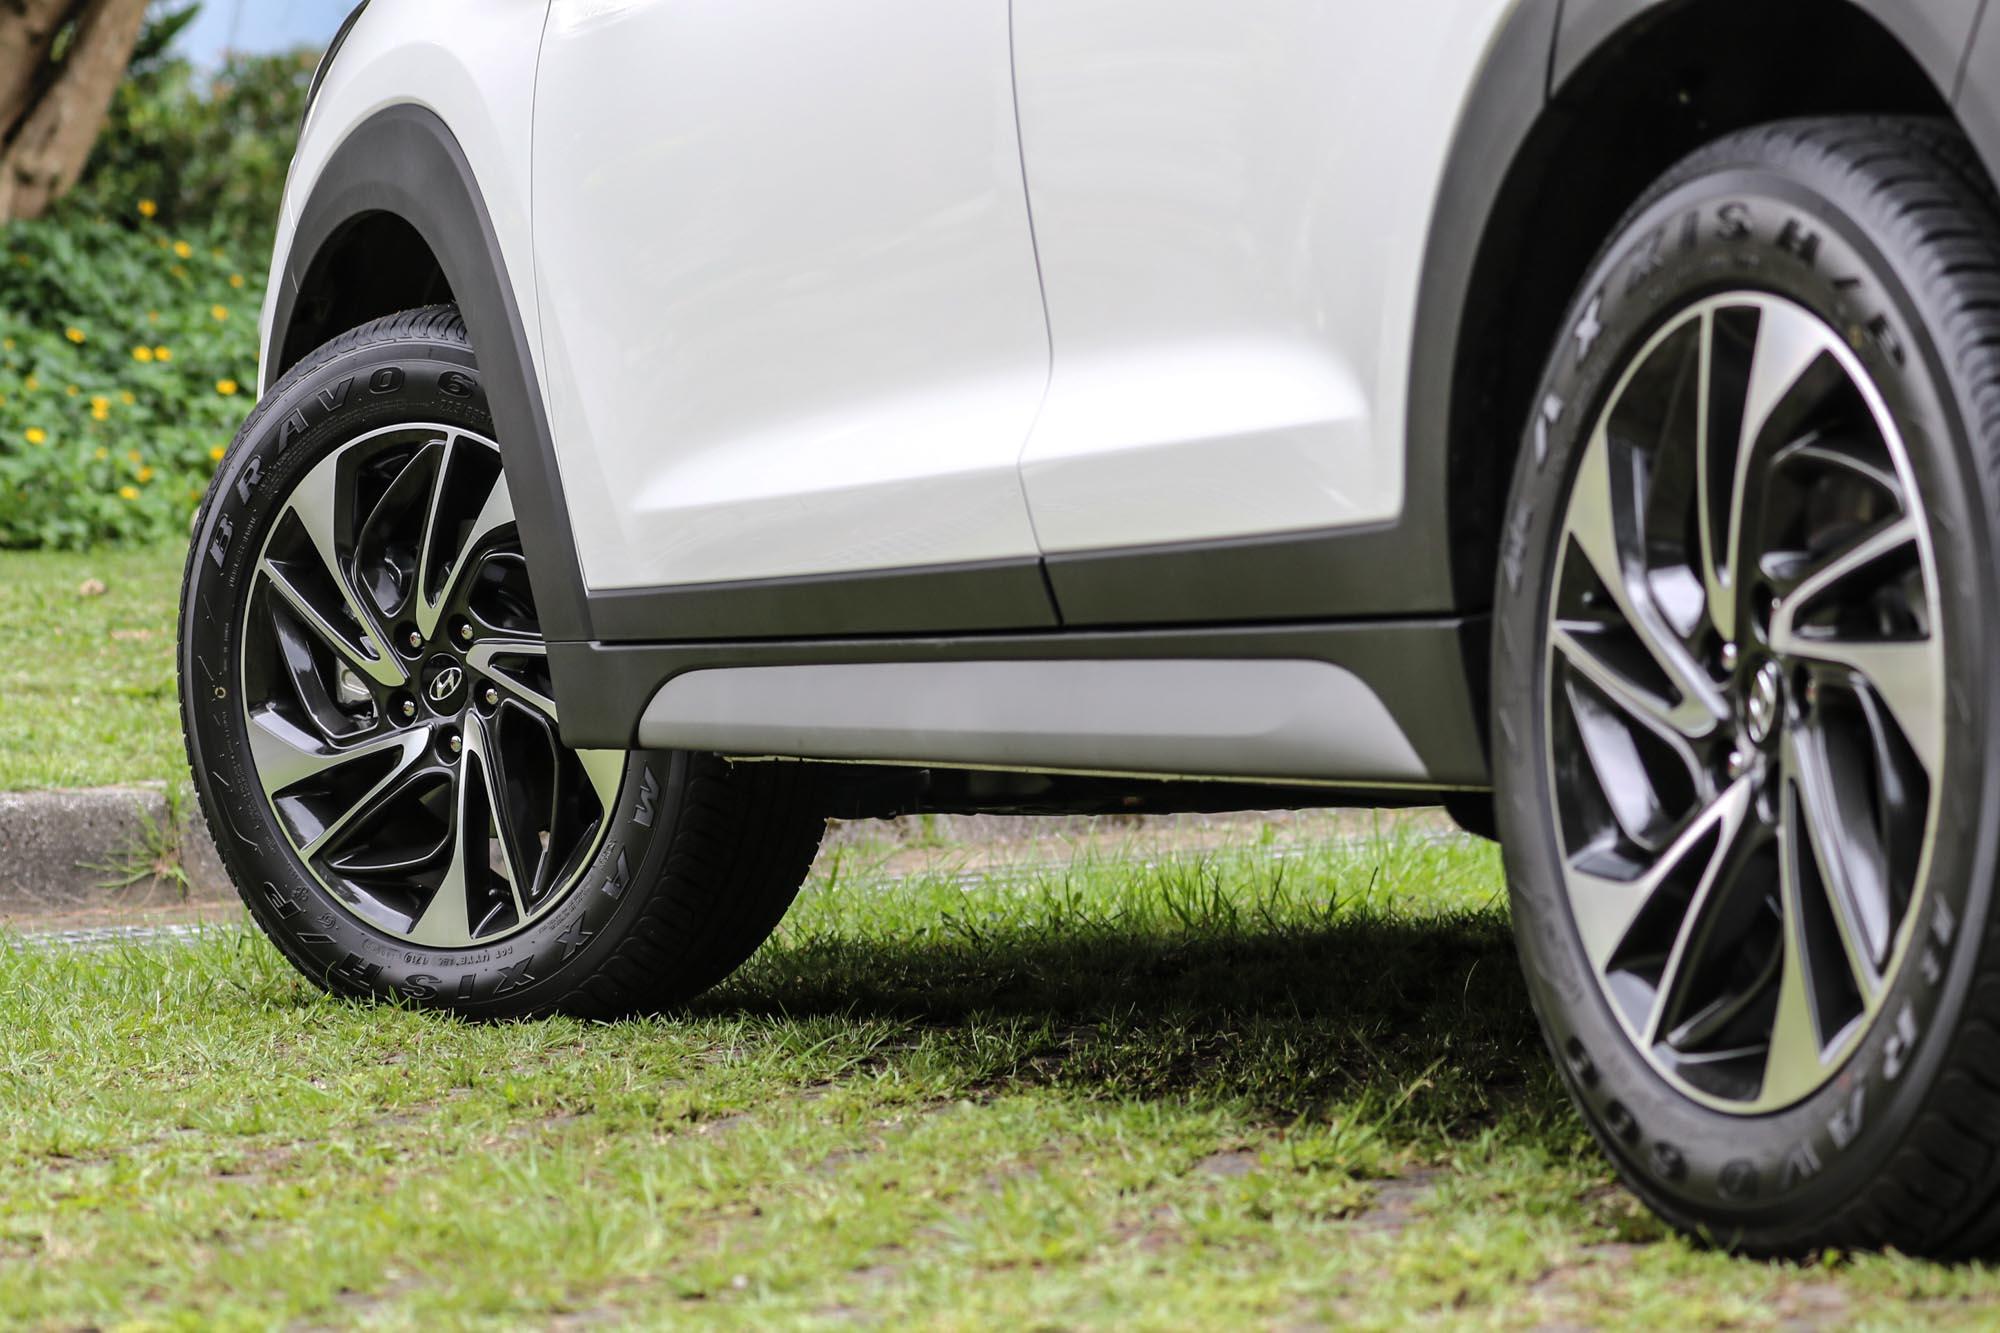 全車系標配 18 吋輪圈,造型也與車身線條相匹配。